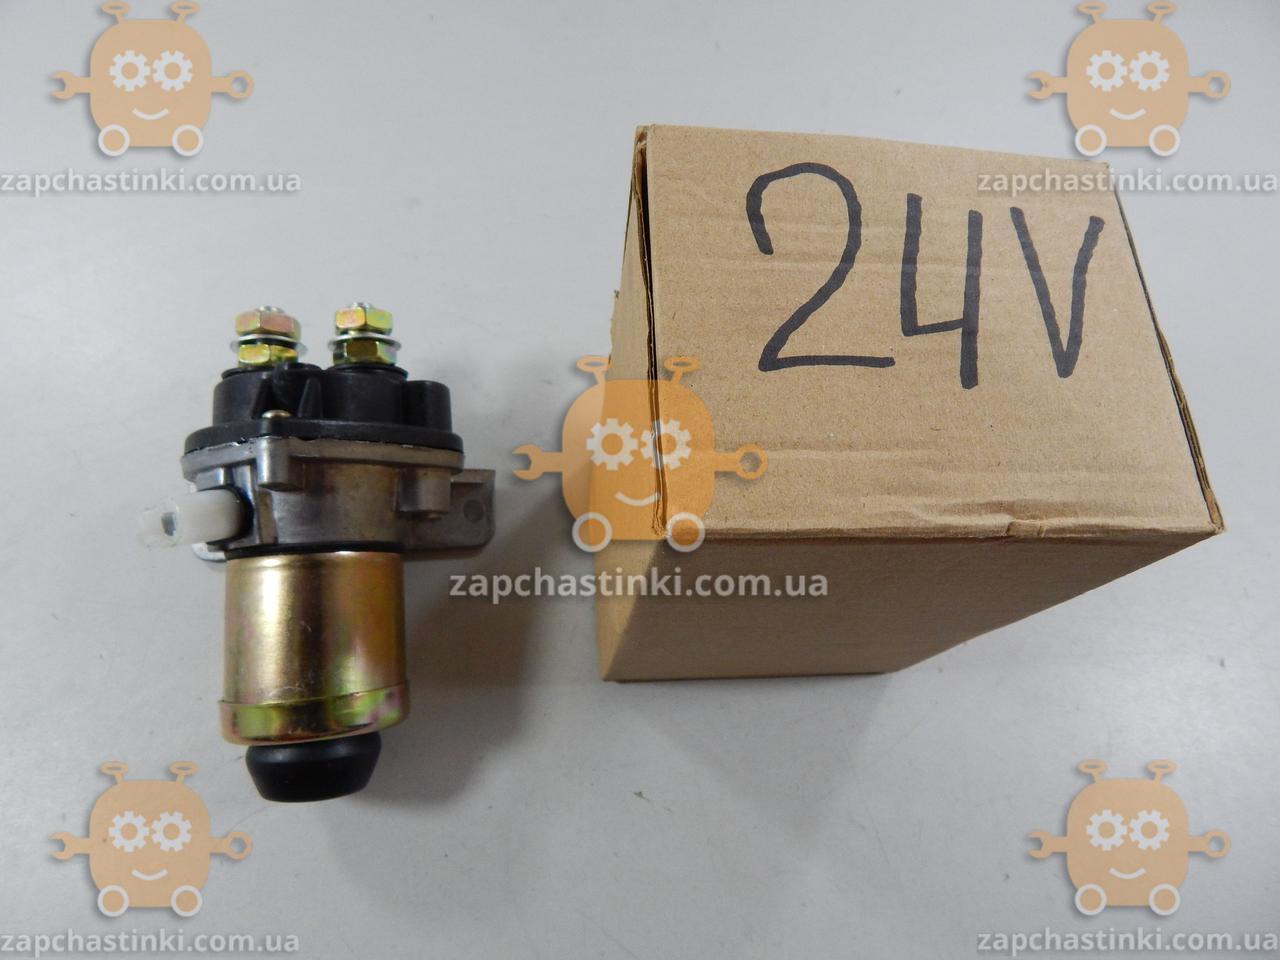 Выключатель массы дистанционный 24В электро (пр-во Самара Россия) ПД 31907